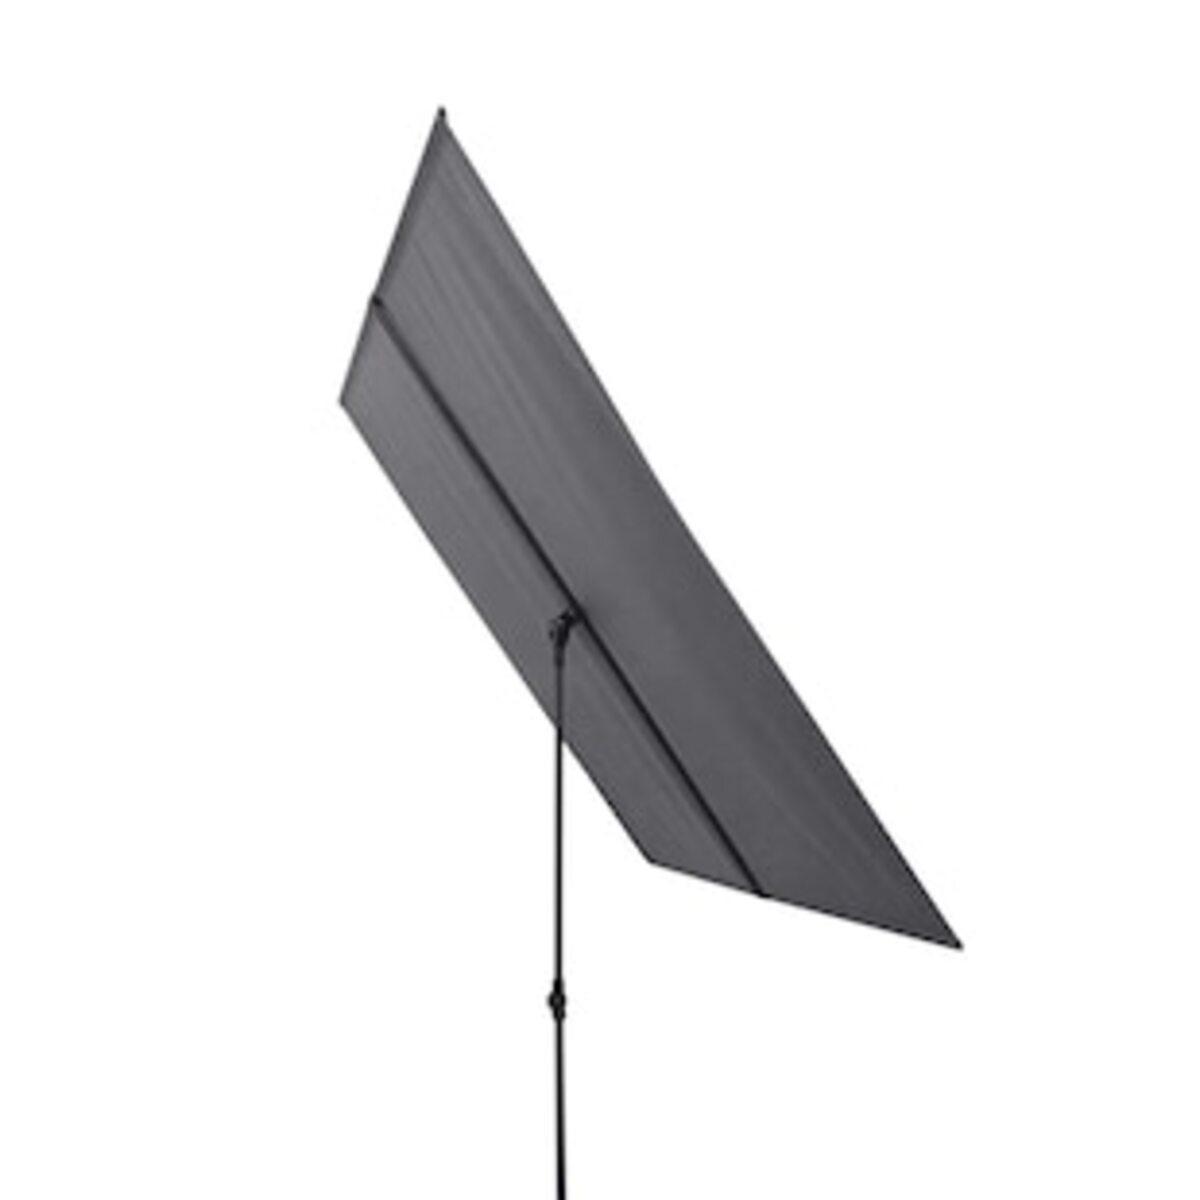 Bild 2 von Hoberg Sonnenschirm rechteckig 180x130x200cm anthrazit